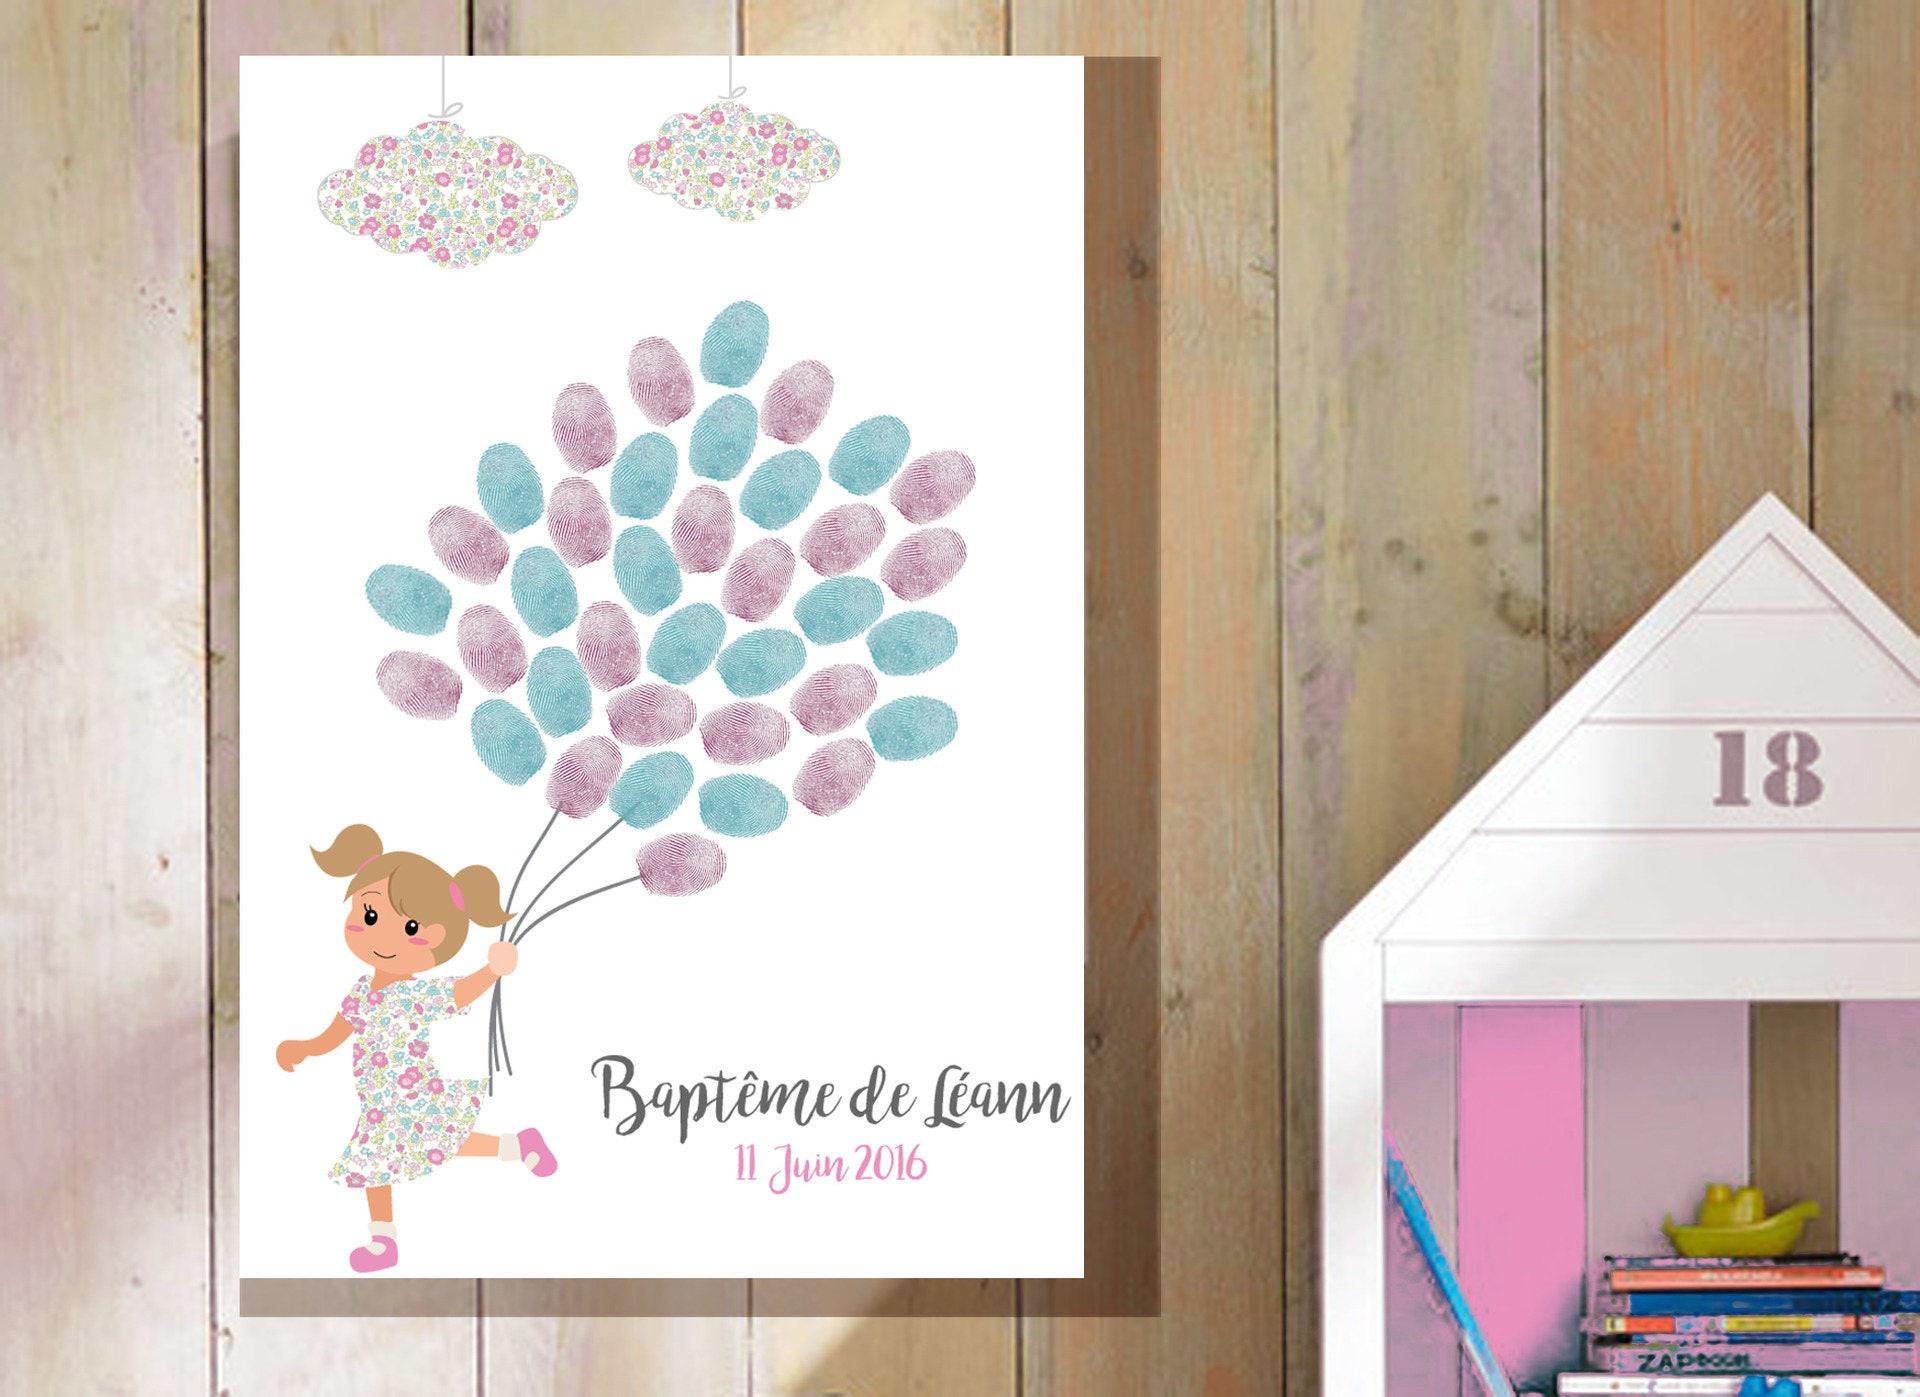 arbre empreintes bapt me petite fille couettes ch tain clair. Black Bedroom Furniture Sets. Home Design Ideas